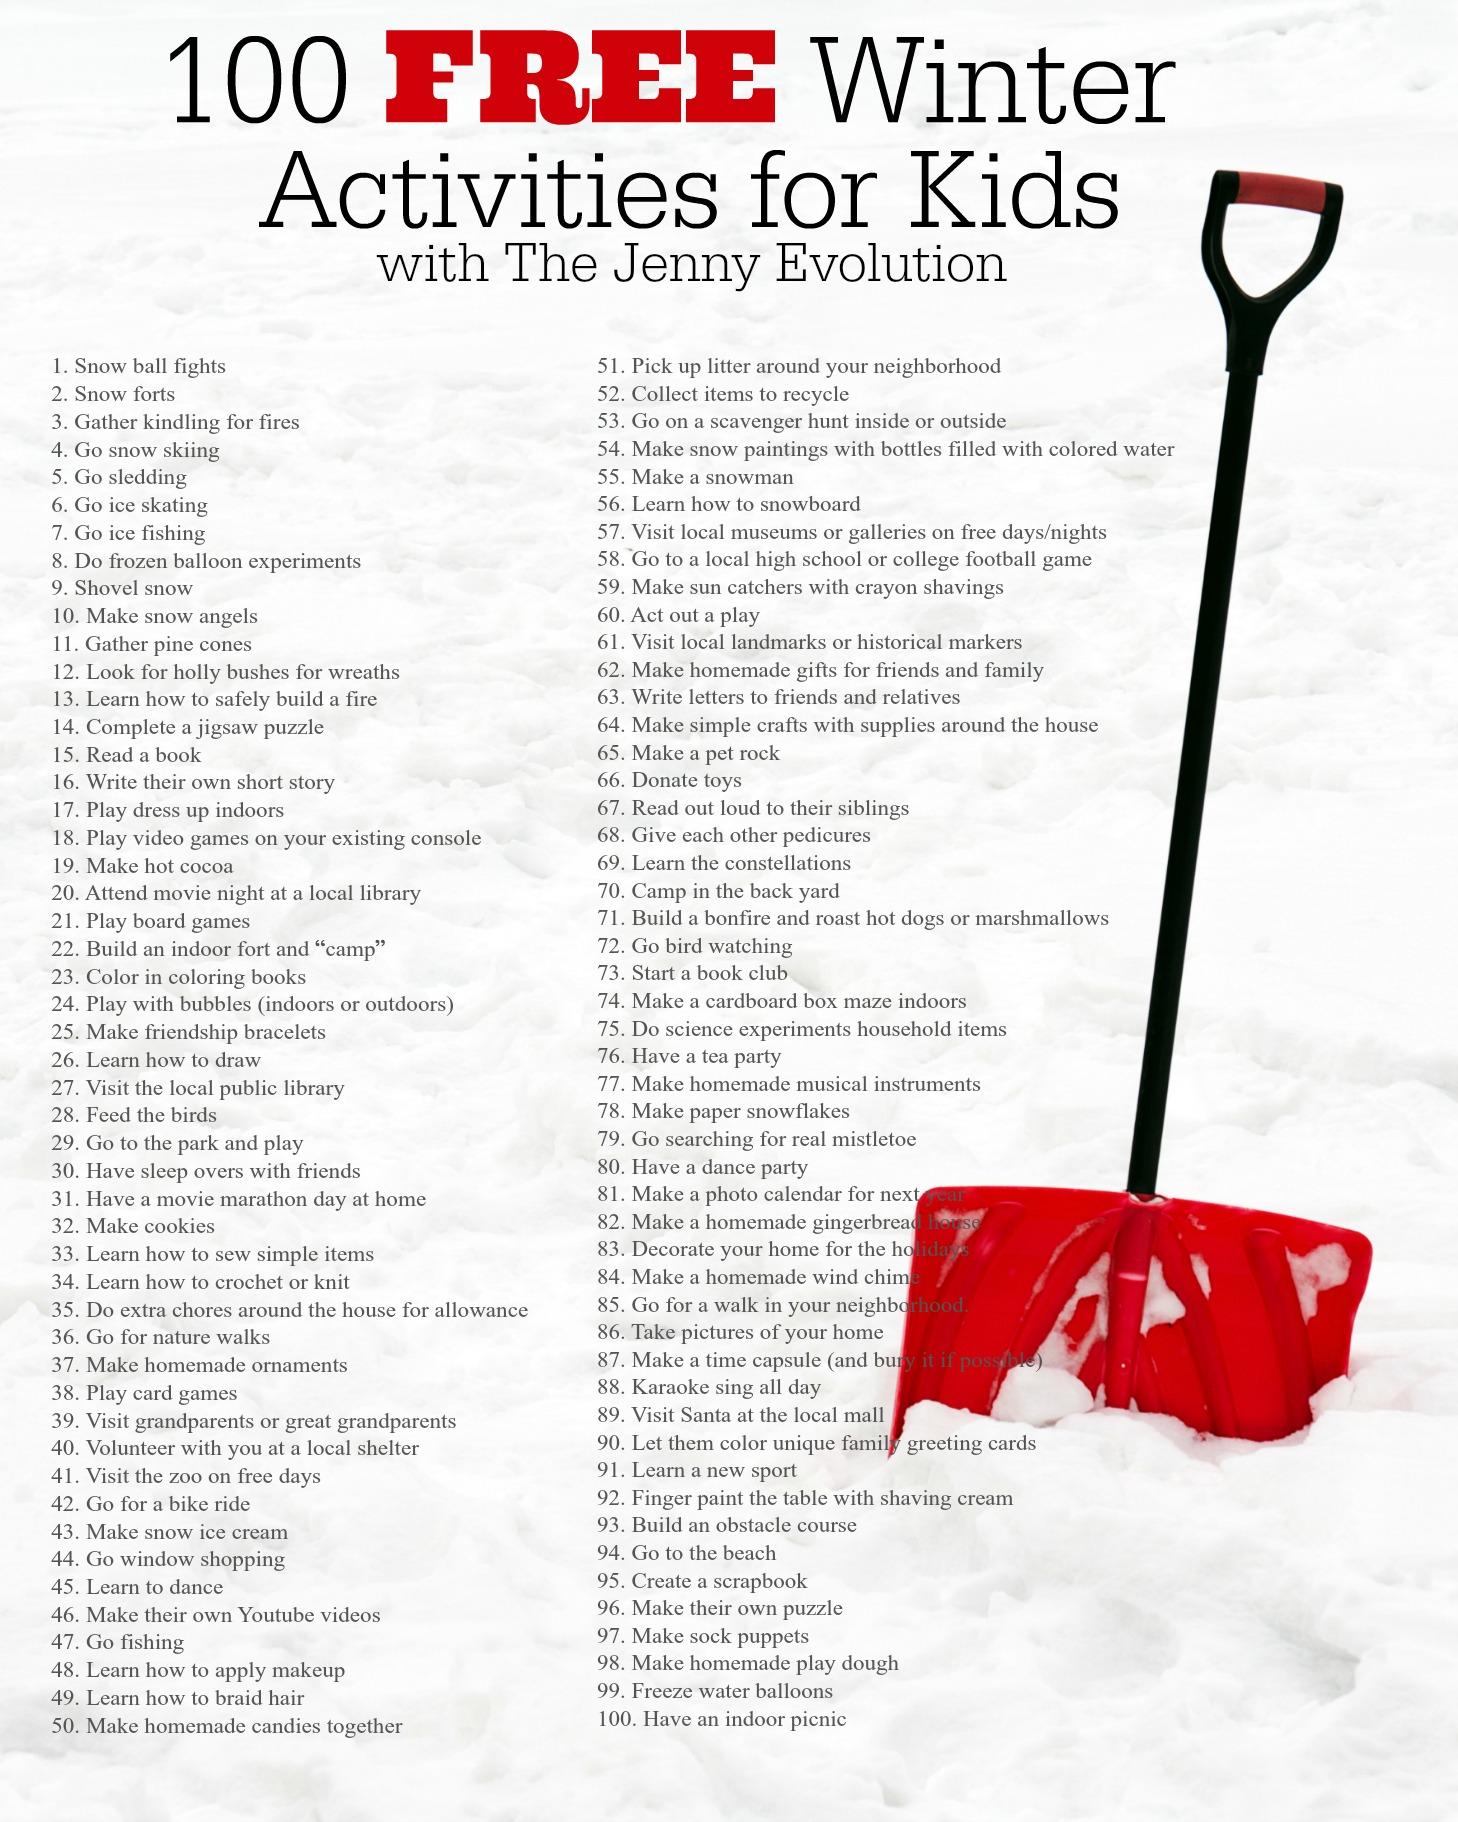 100 Free Winter Activities For Kids